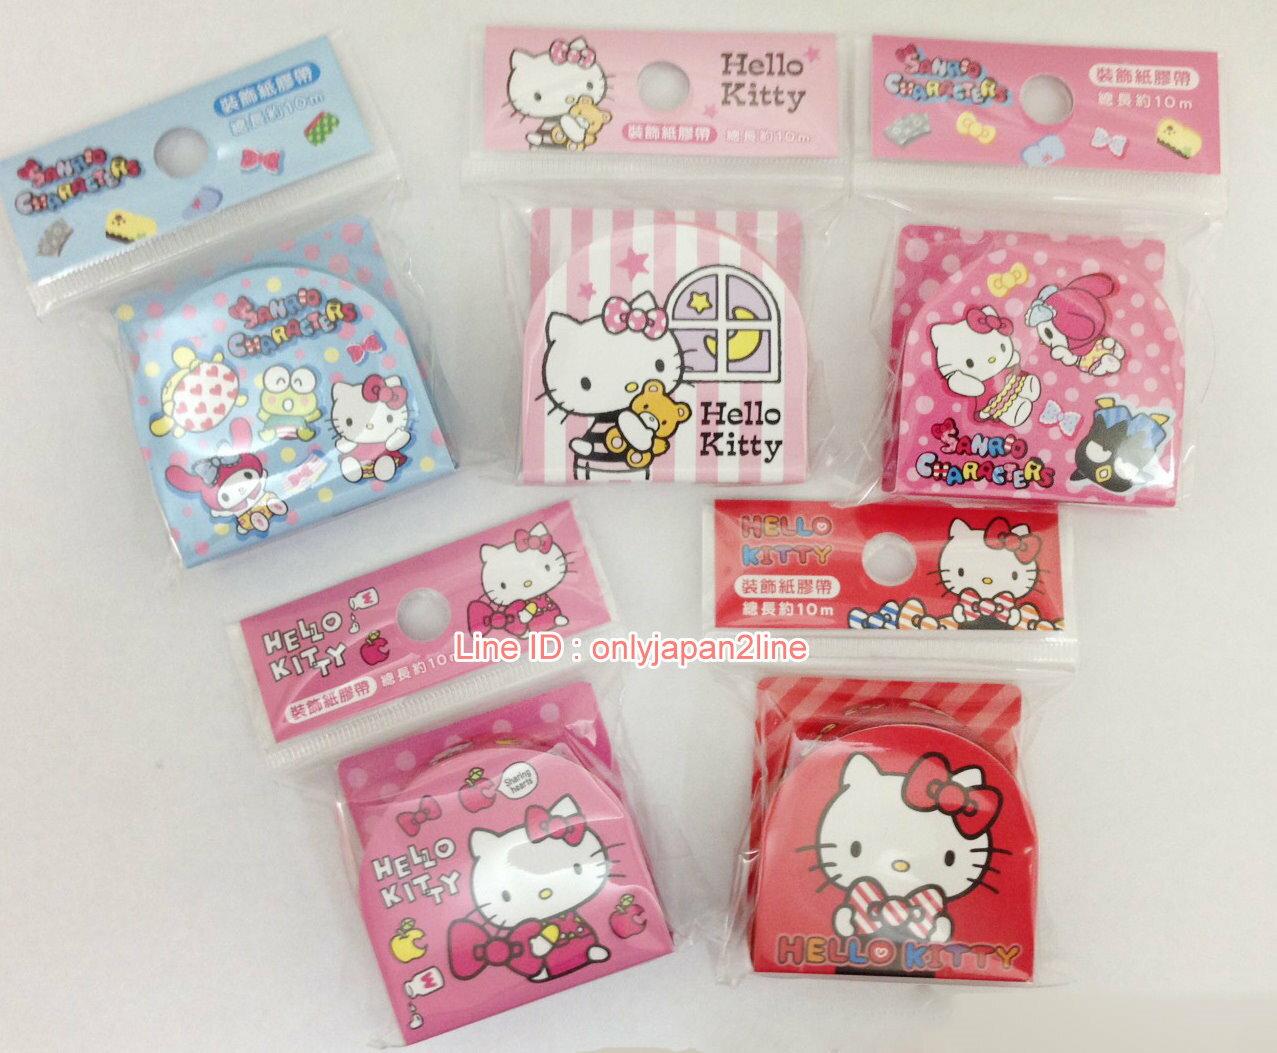 【真愛日本】17022400044裝飾紙膠帶10m-KT5款  三麗鷗 Hello Kitty 凱蒂貓 文具 紙膠帶